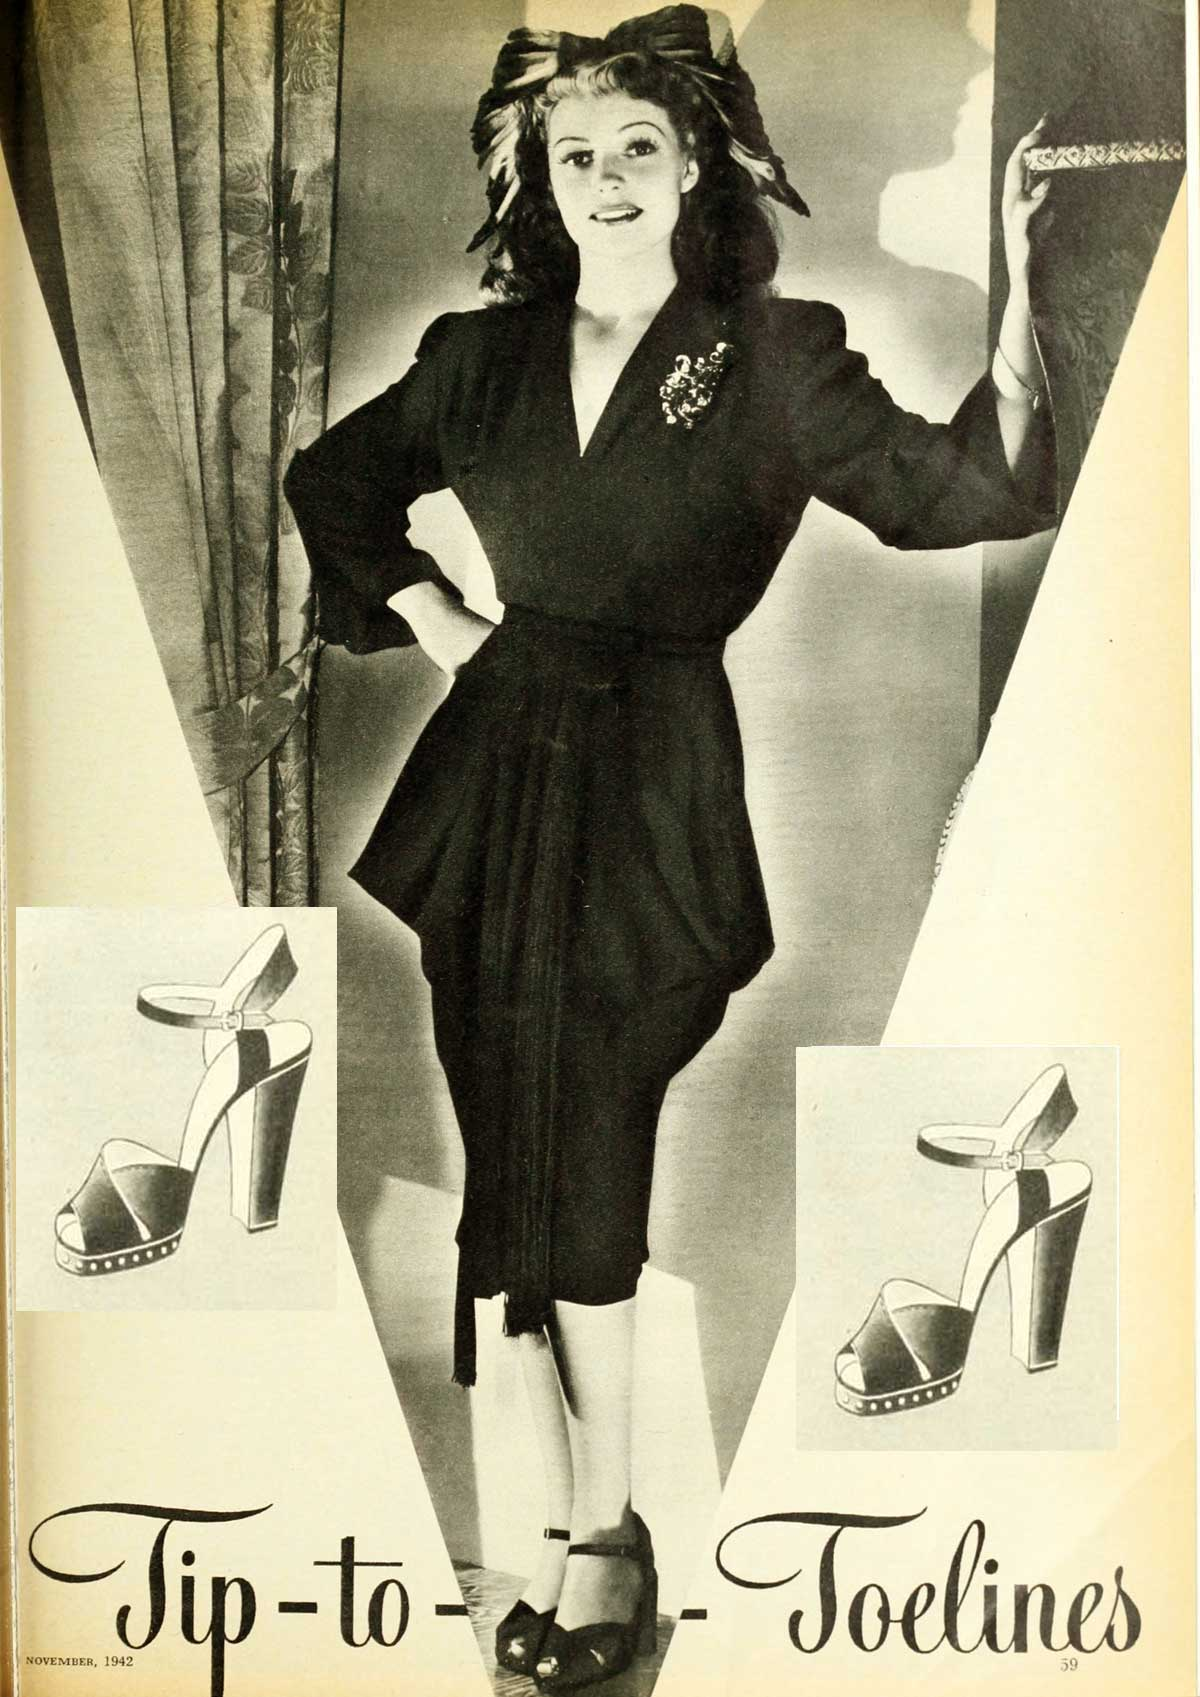 1940s-Winter-Fashion---Rita-Hayworth-1942-A